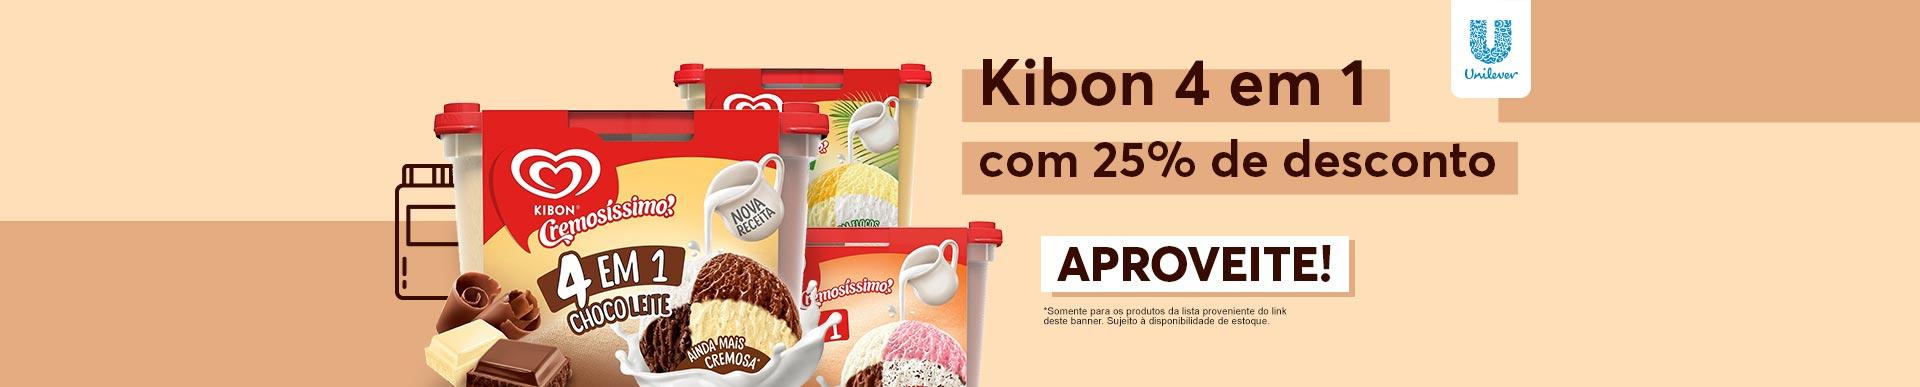 kibon-pedacos